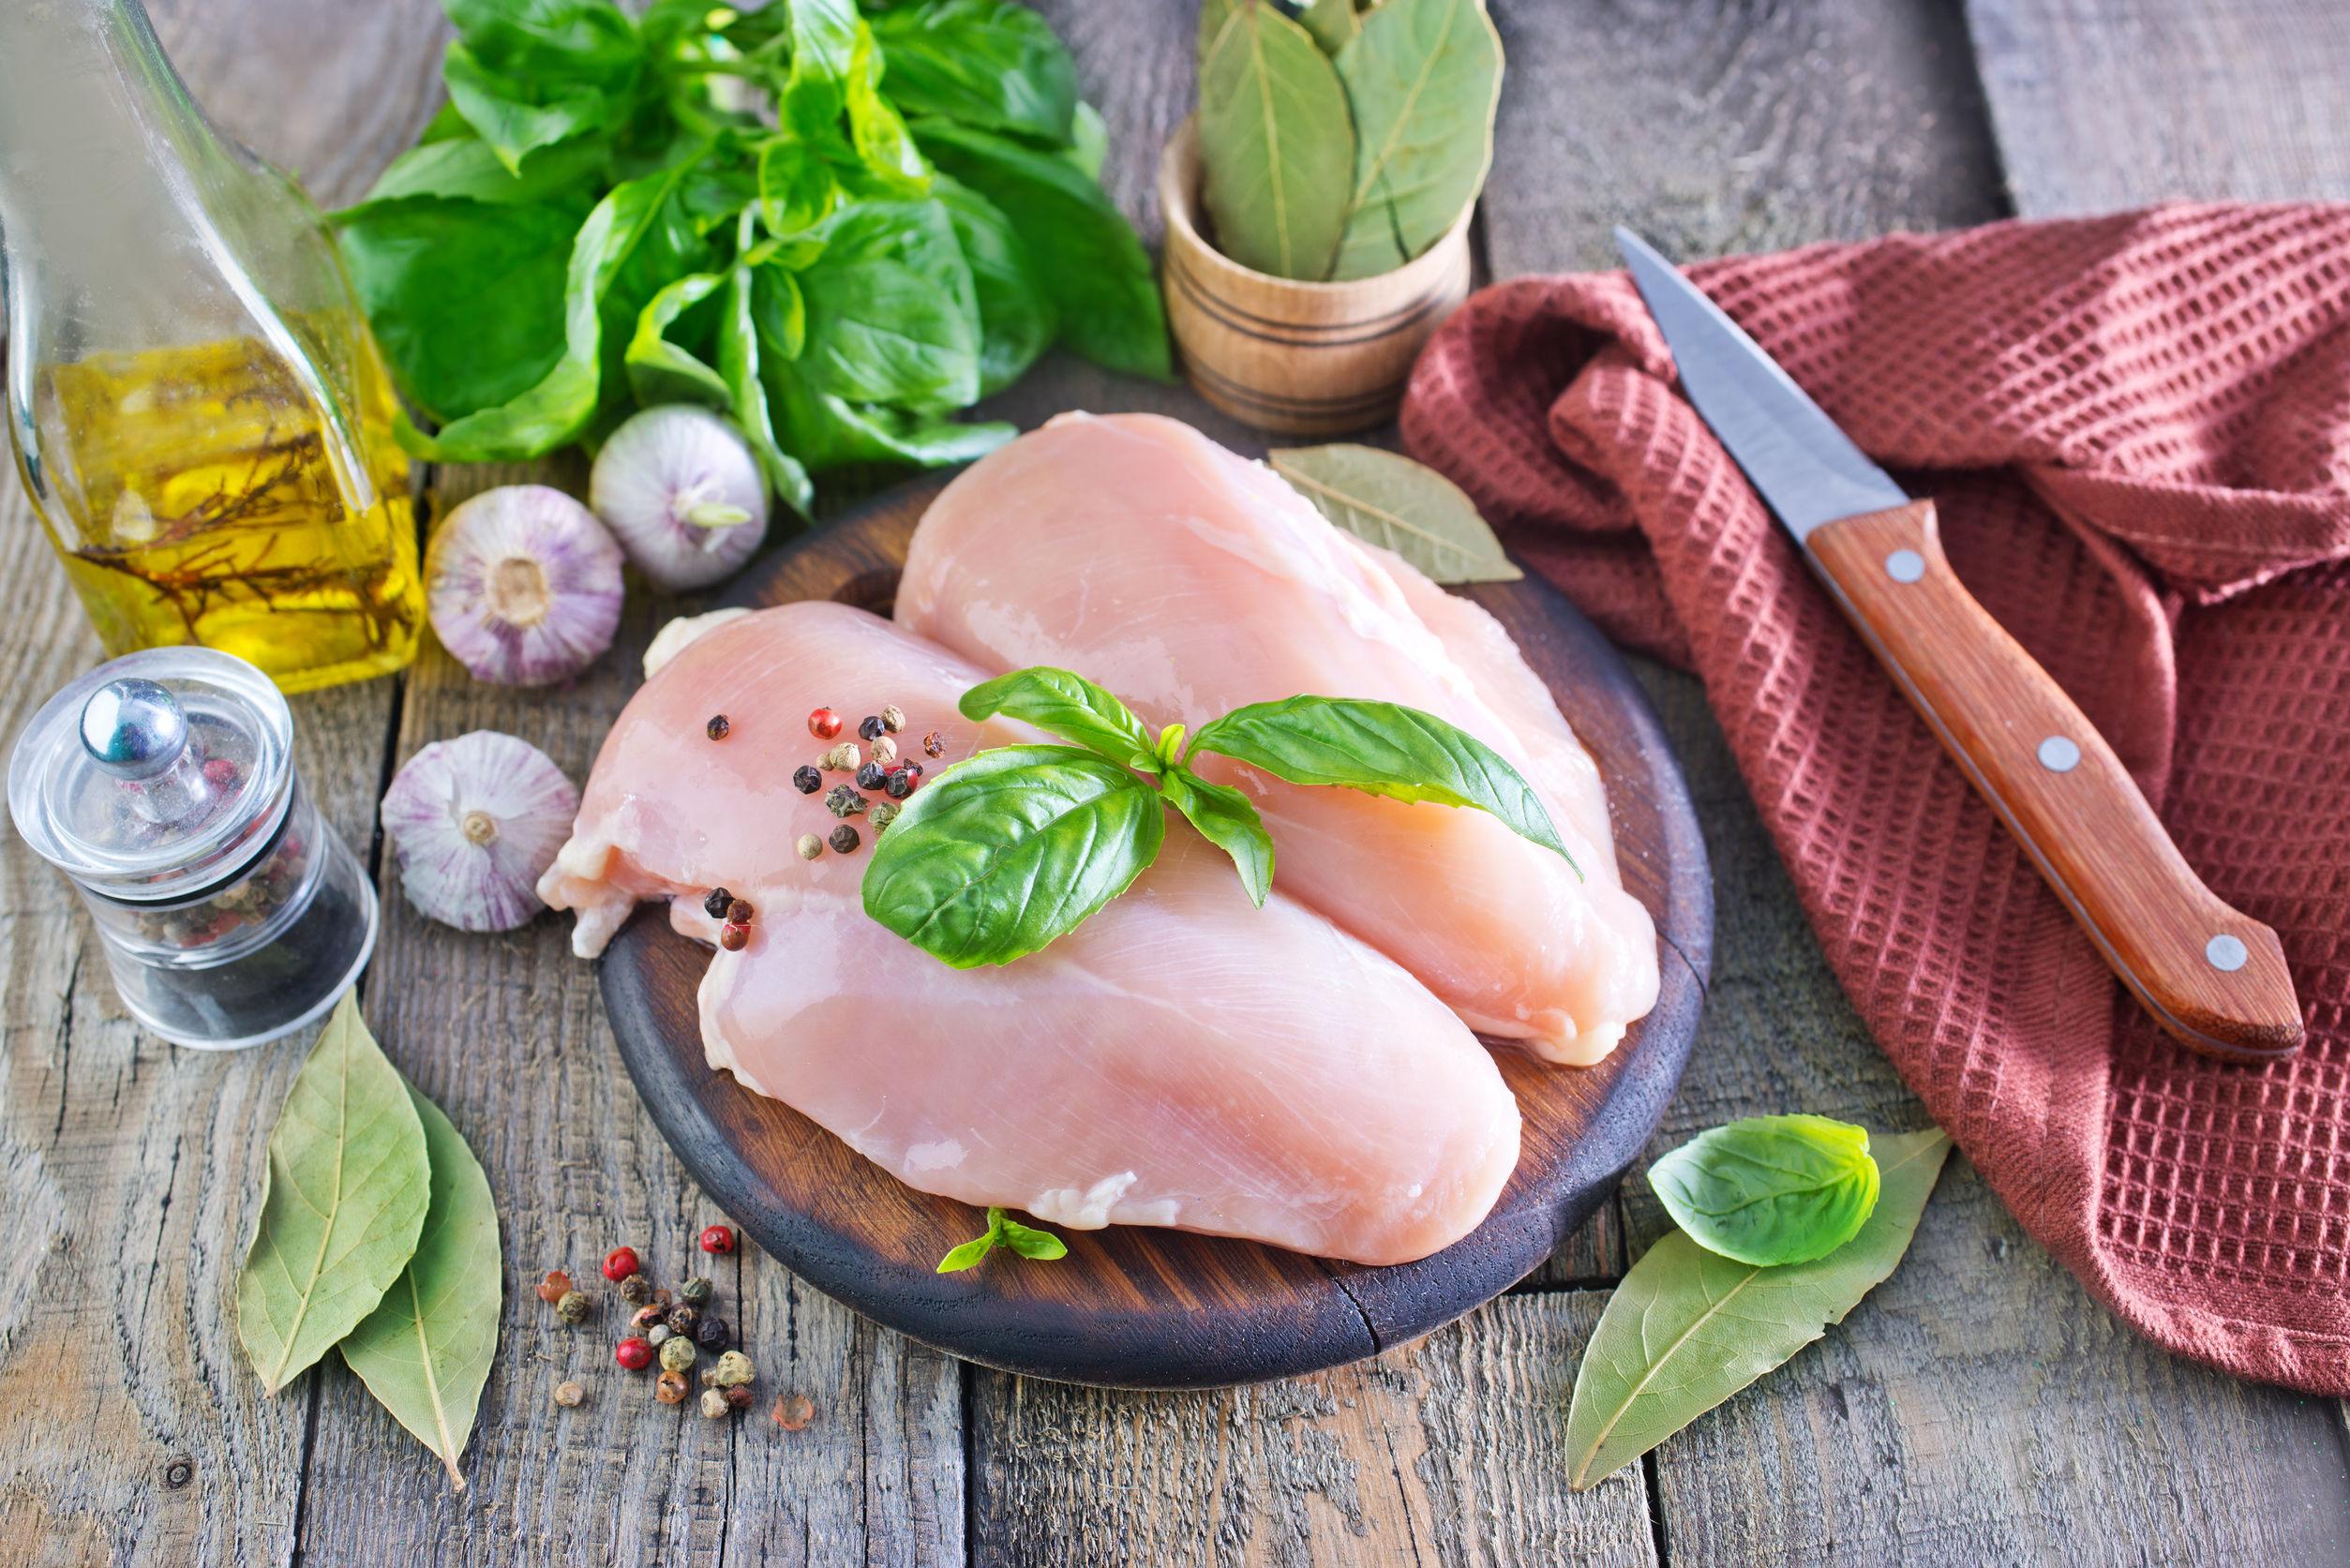 dieta rica em proteína